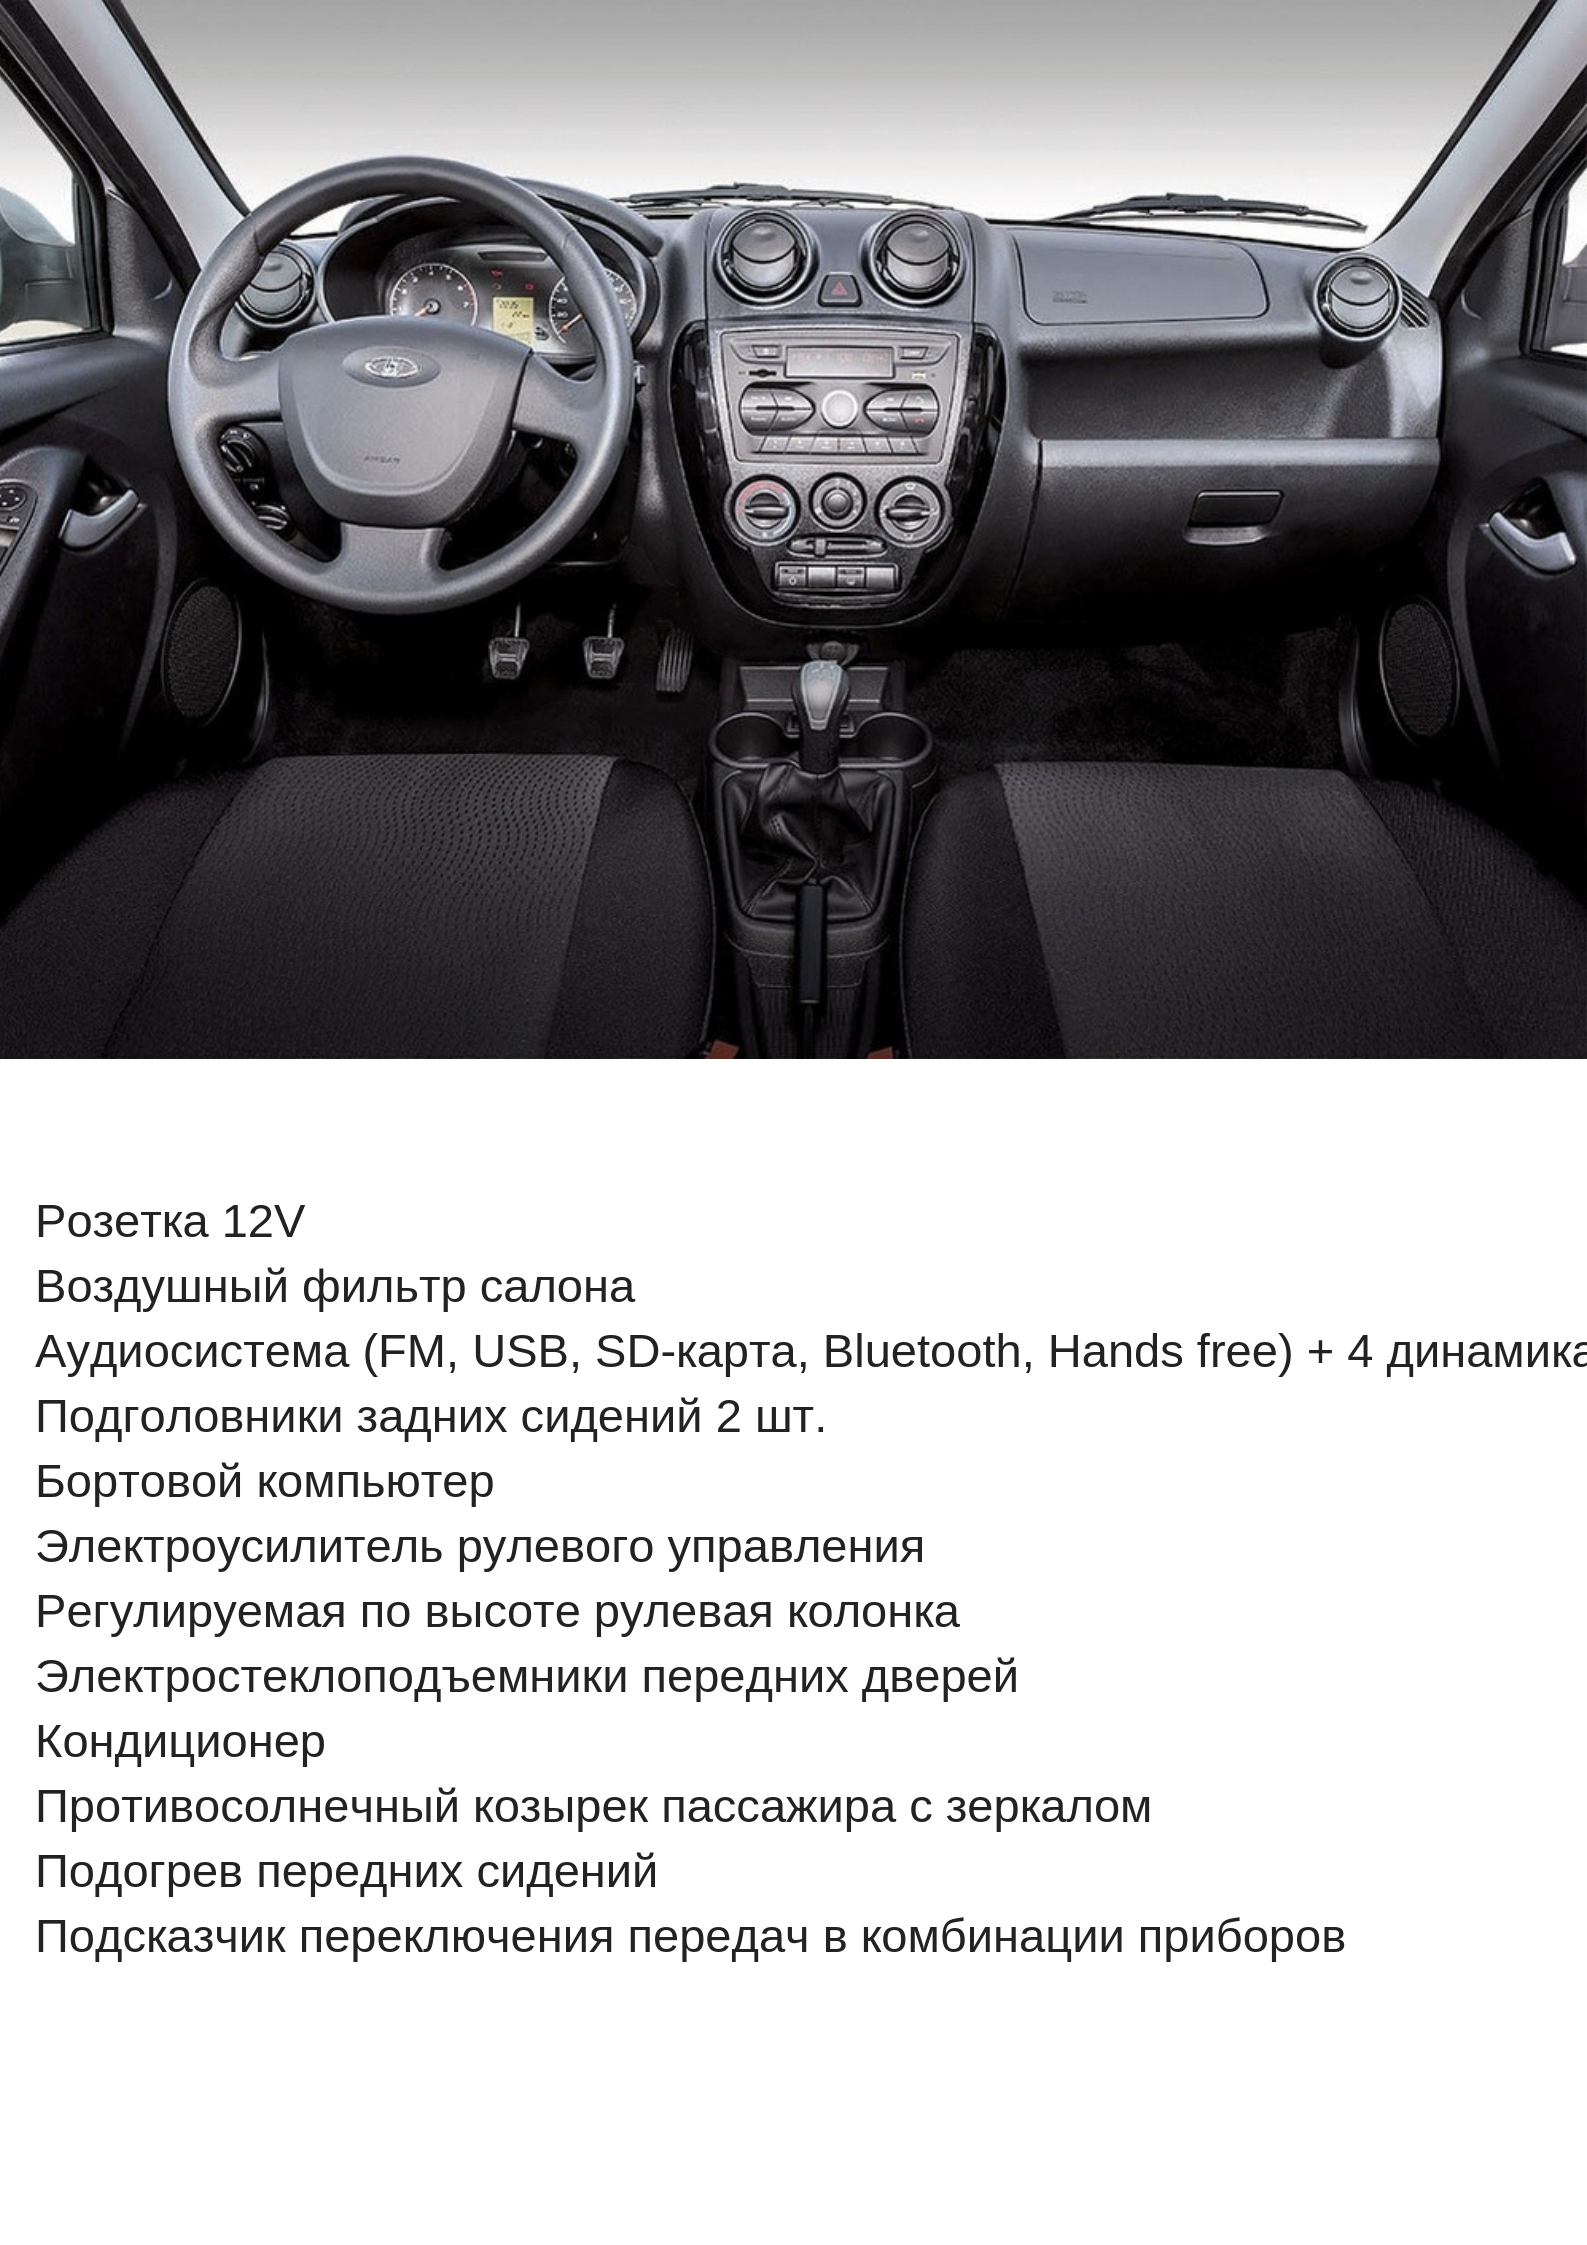 Лада гранта 2018 комплектация комфорт